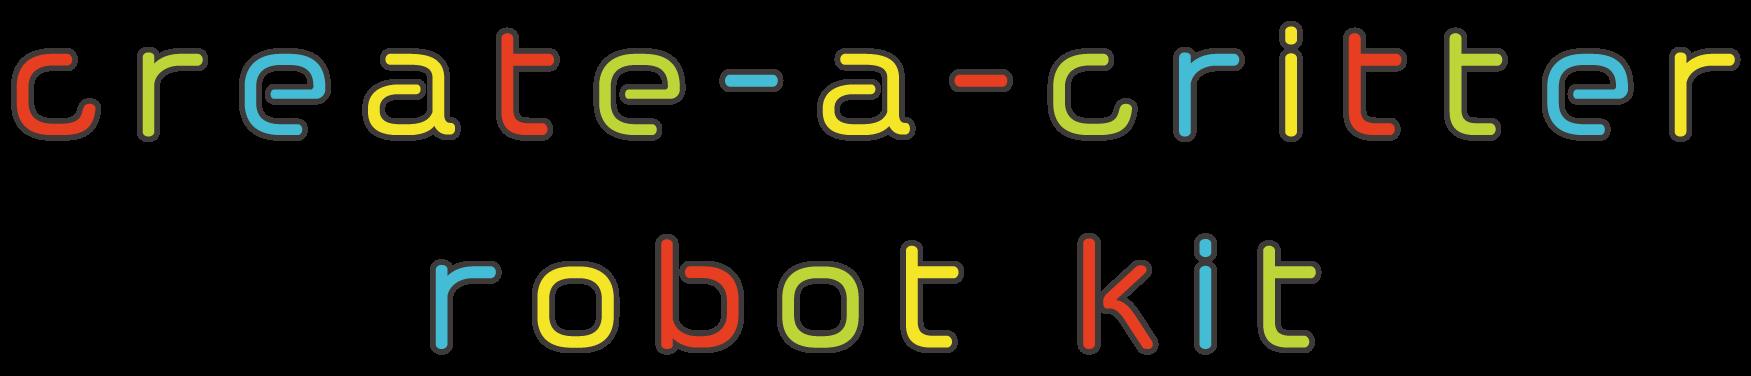 create-a-critter robot kit